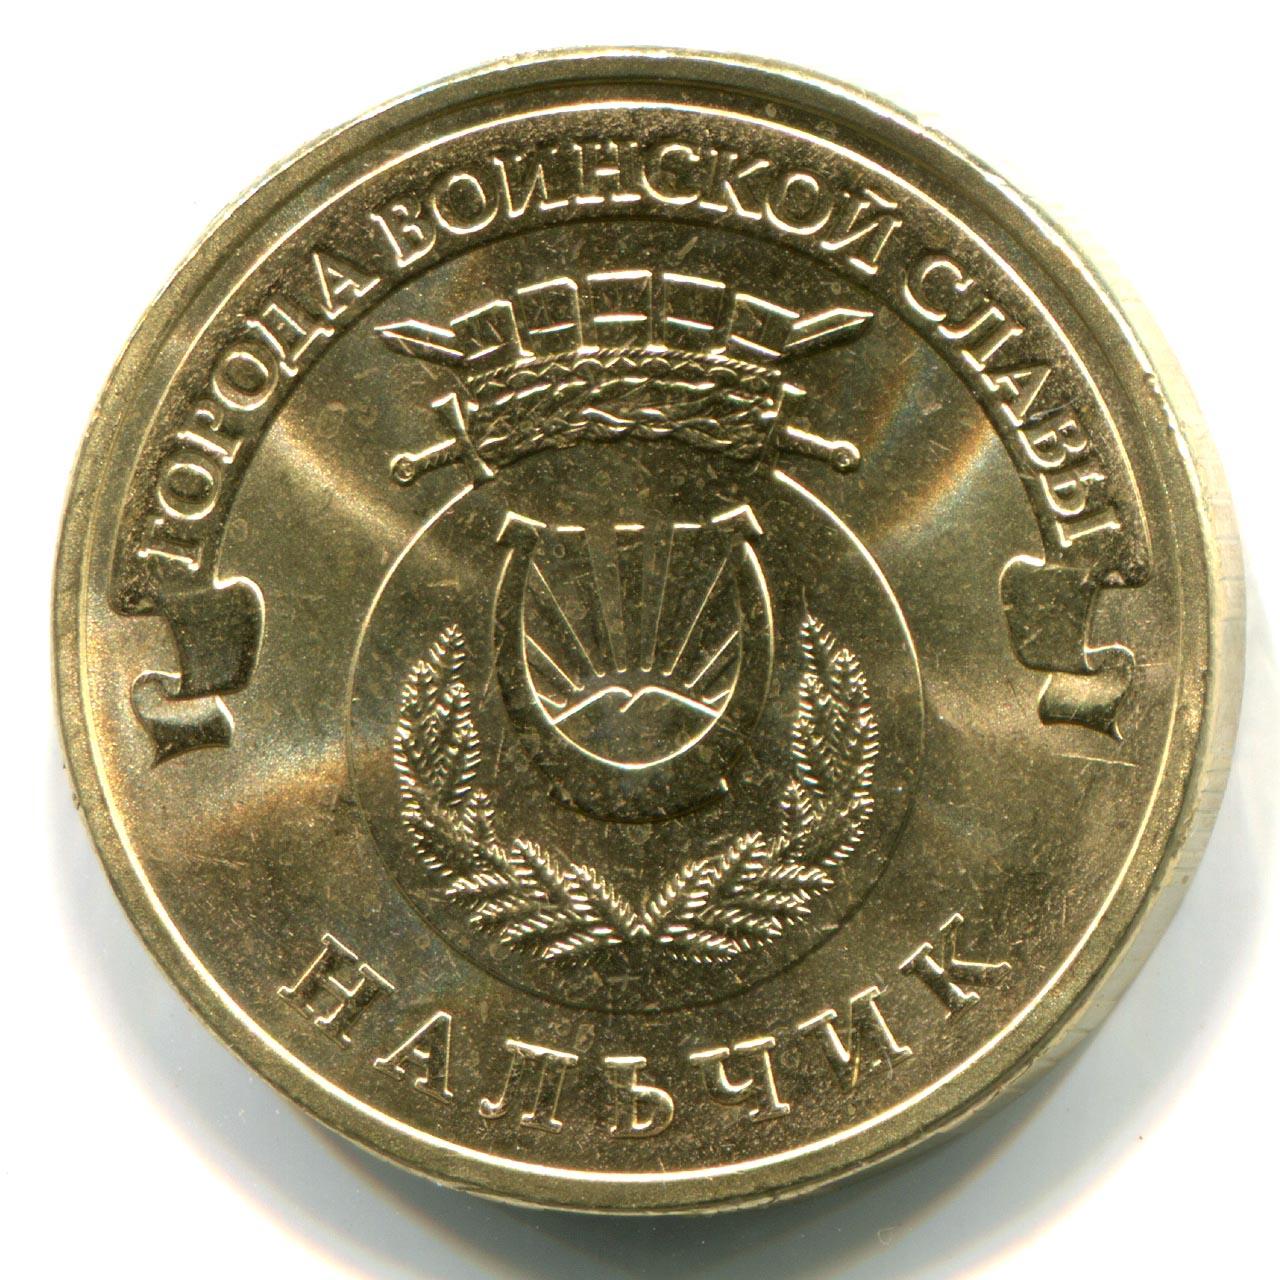 Монета Нальчик 2014 года 10 рублей - реверс